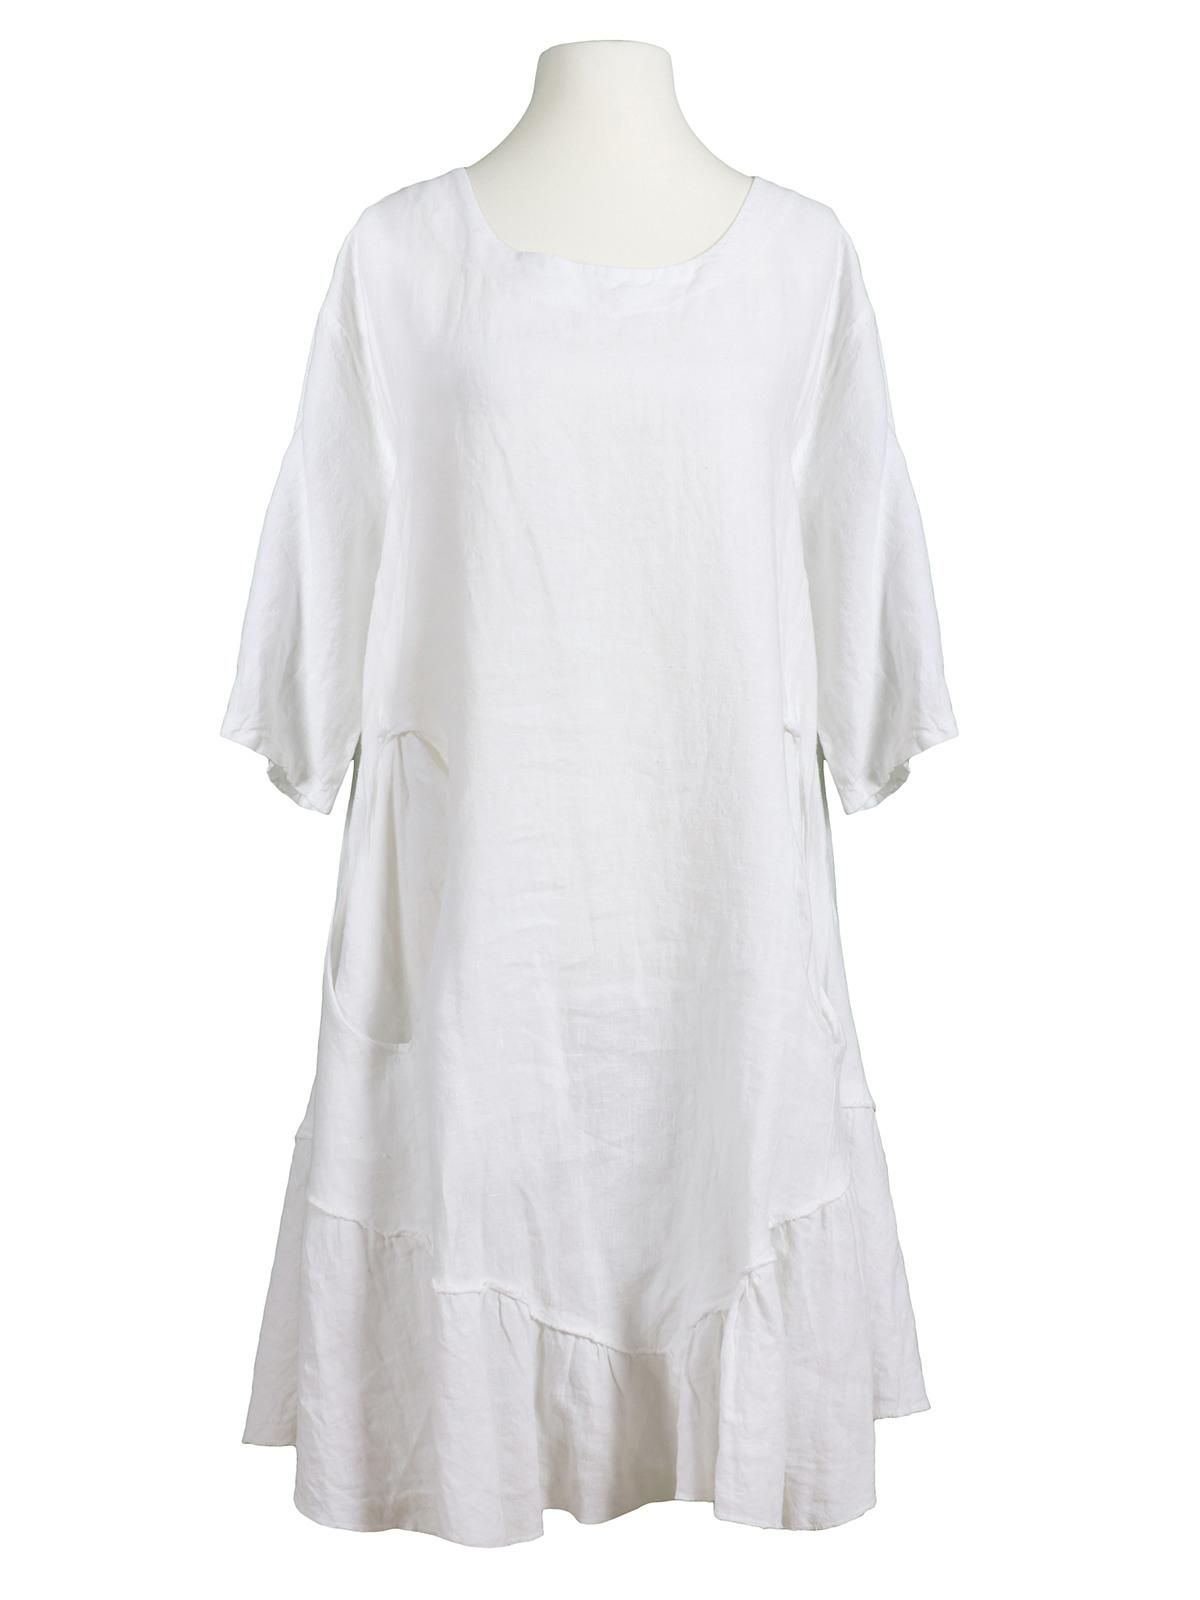 Tunika Kleid Leinen Weiss Von Les Frères  Meinkleidchen